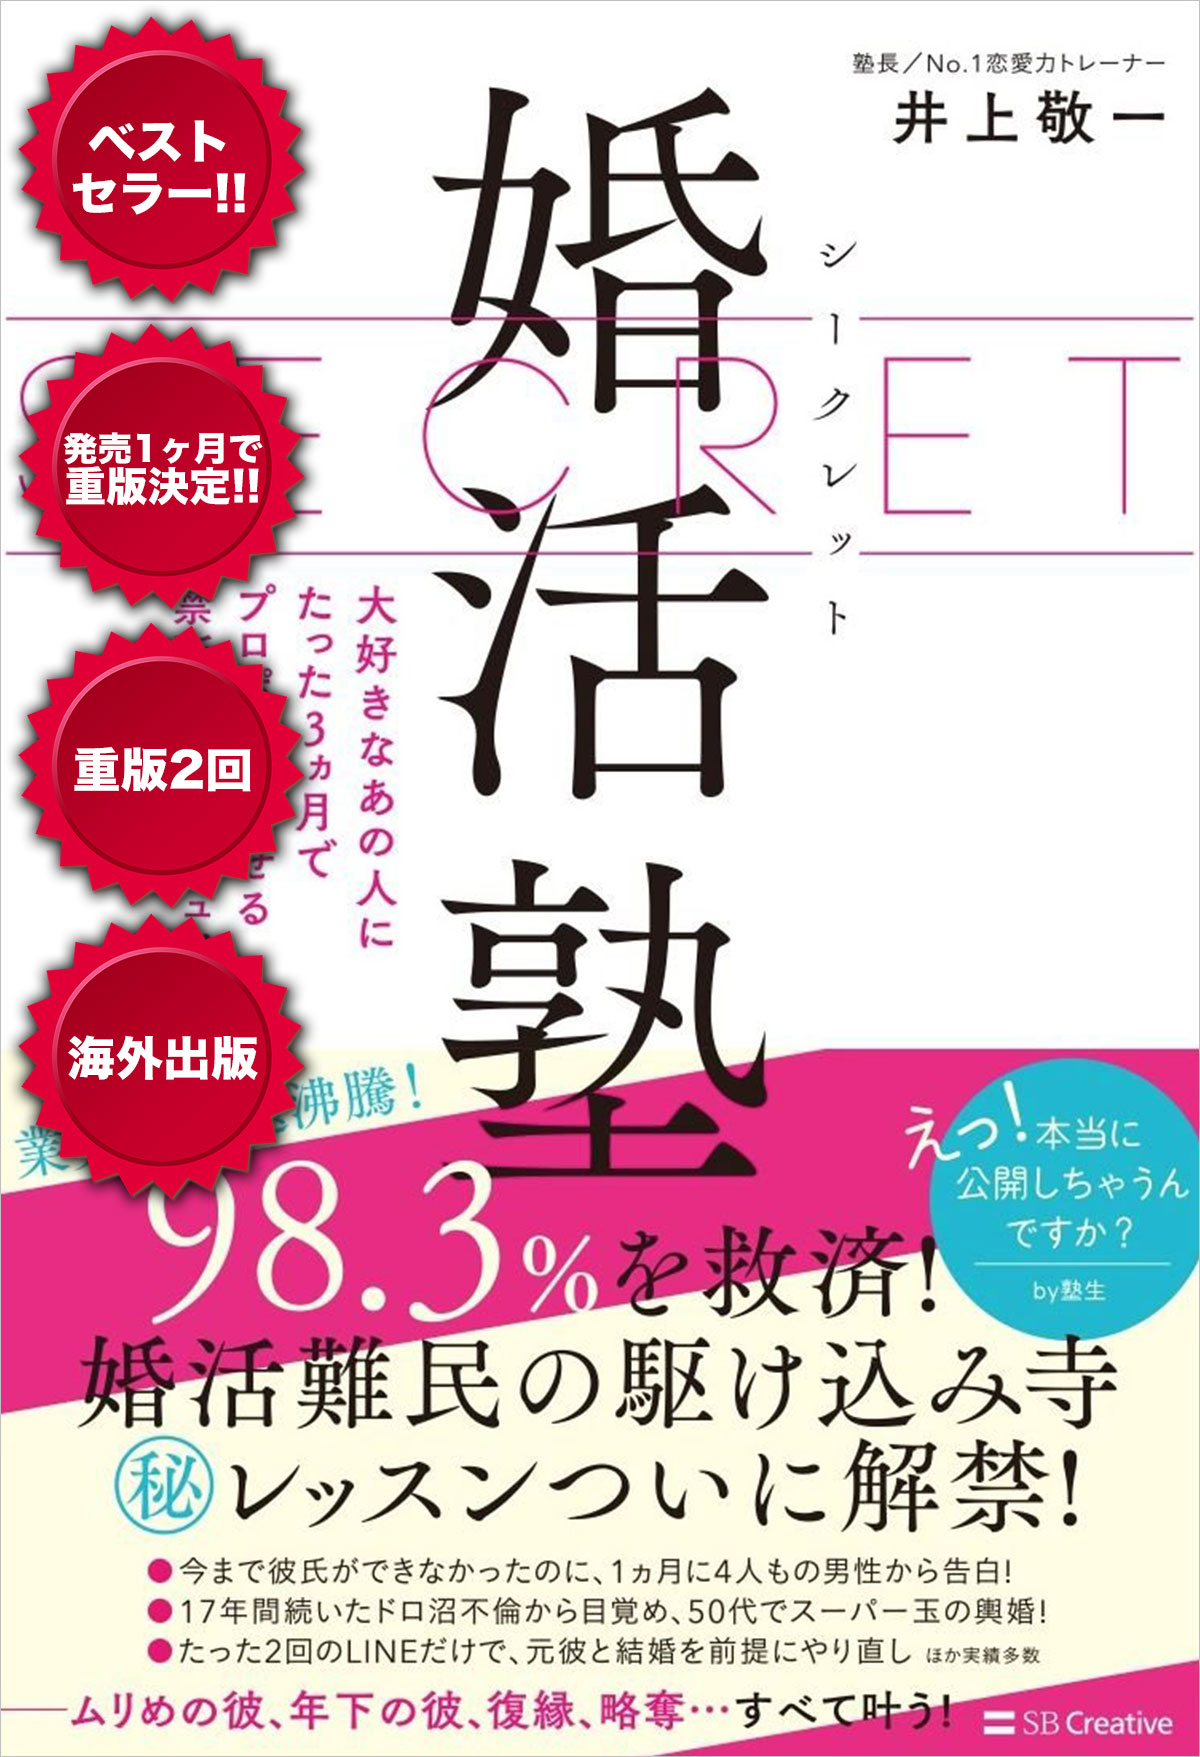 井上敬一の著書シークレット婚活塾